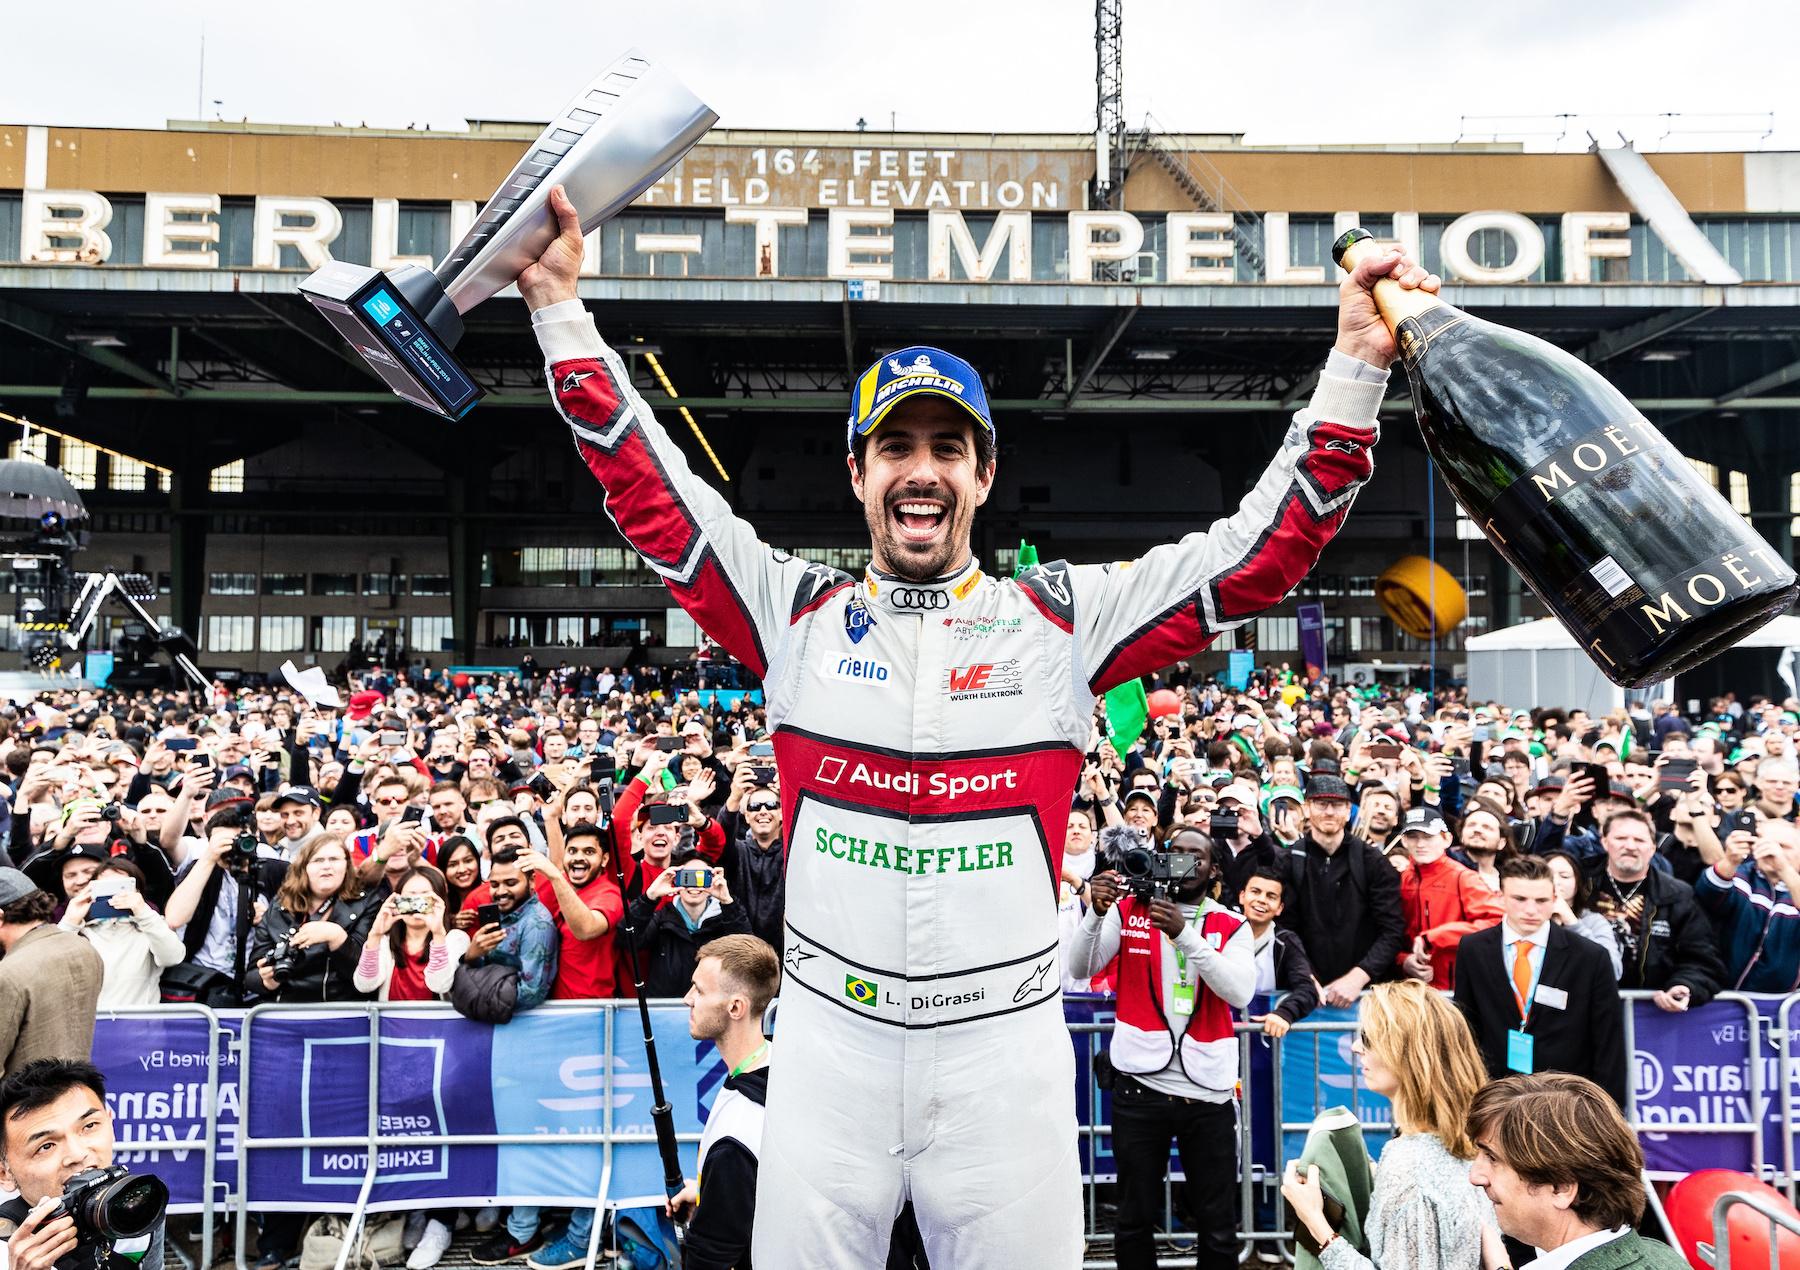 Prima vittoria della stagione per Lucas di Grassi nella gara prima di Berna. (Audi Communications Motorsport/Michael Kunkel)